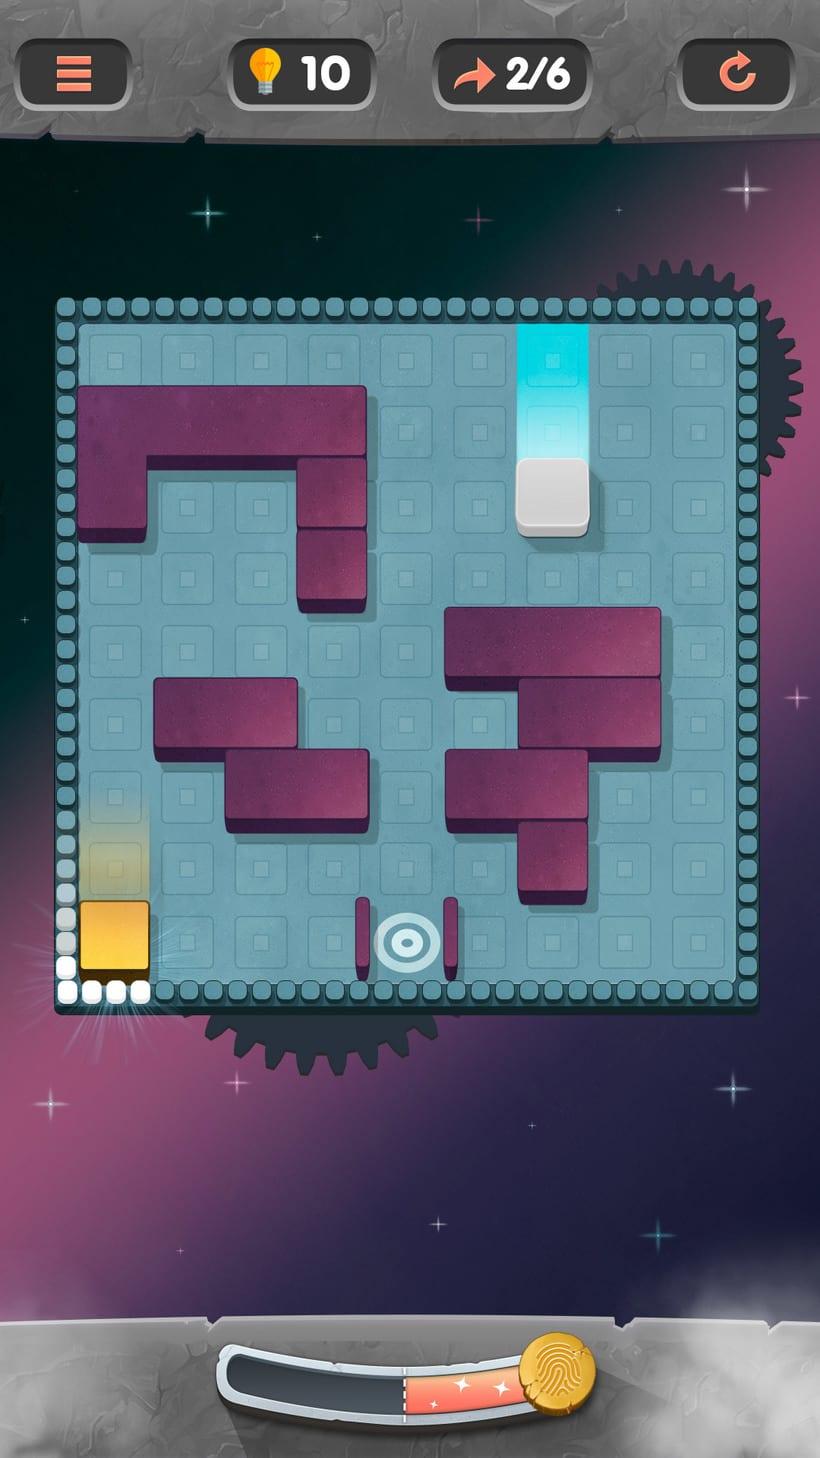 Juego puzle rotatorio en falso 3d. Próximanente en las tiendas 6